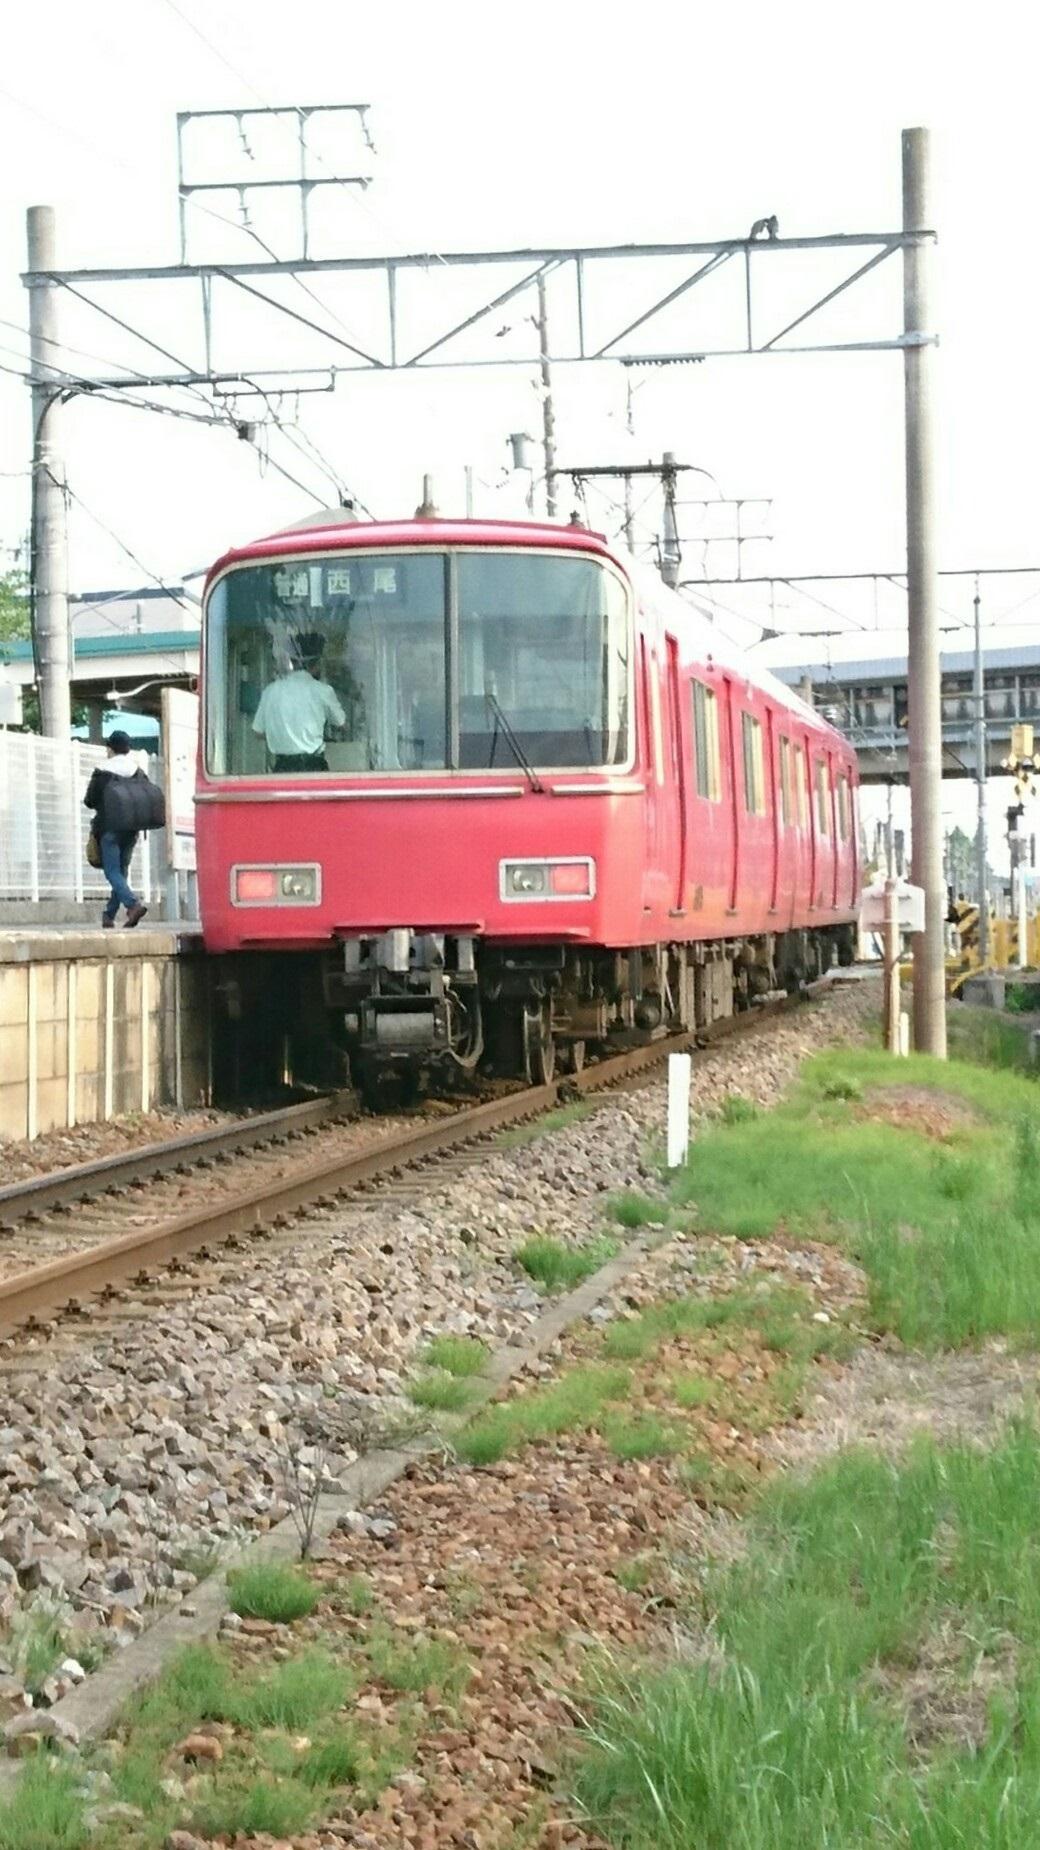 2017.5.14 えきそうじ (2) 古井 - 西尾いきふつう 1040-1850